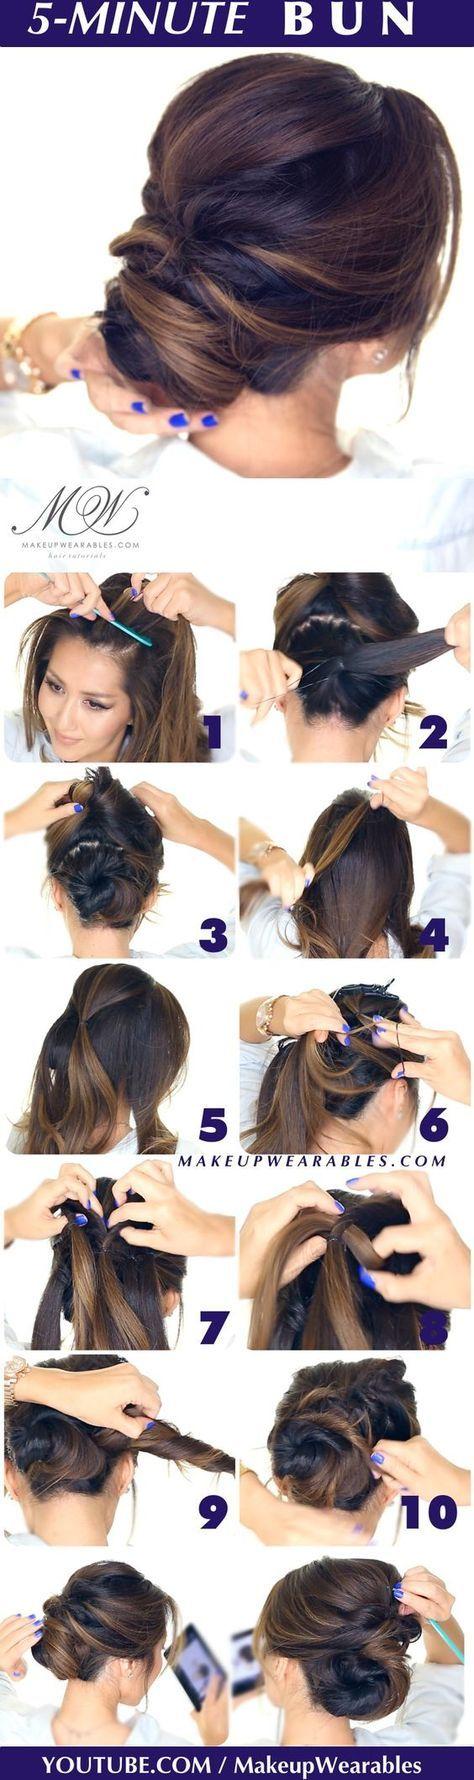 einfacher- romantischer Haarknoten. Noch einfacher mit unserem drehbaren Spiegel